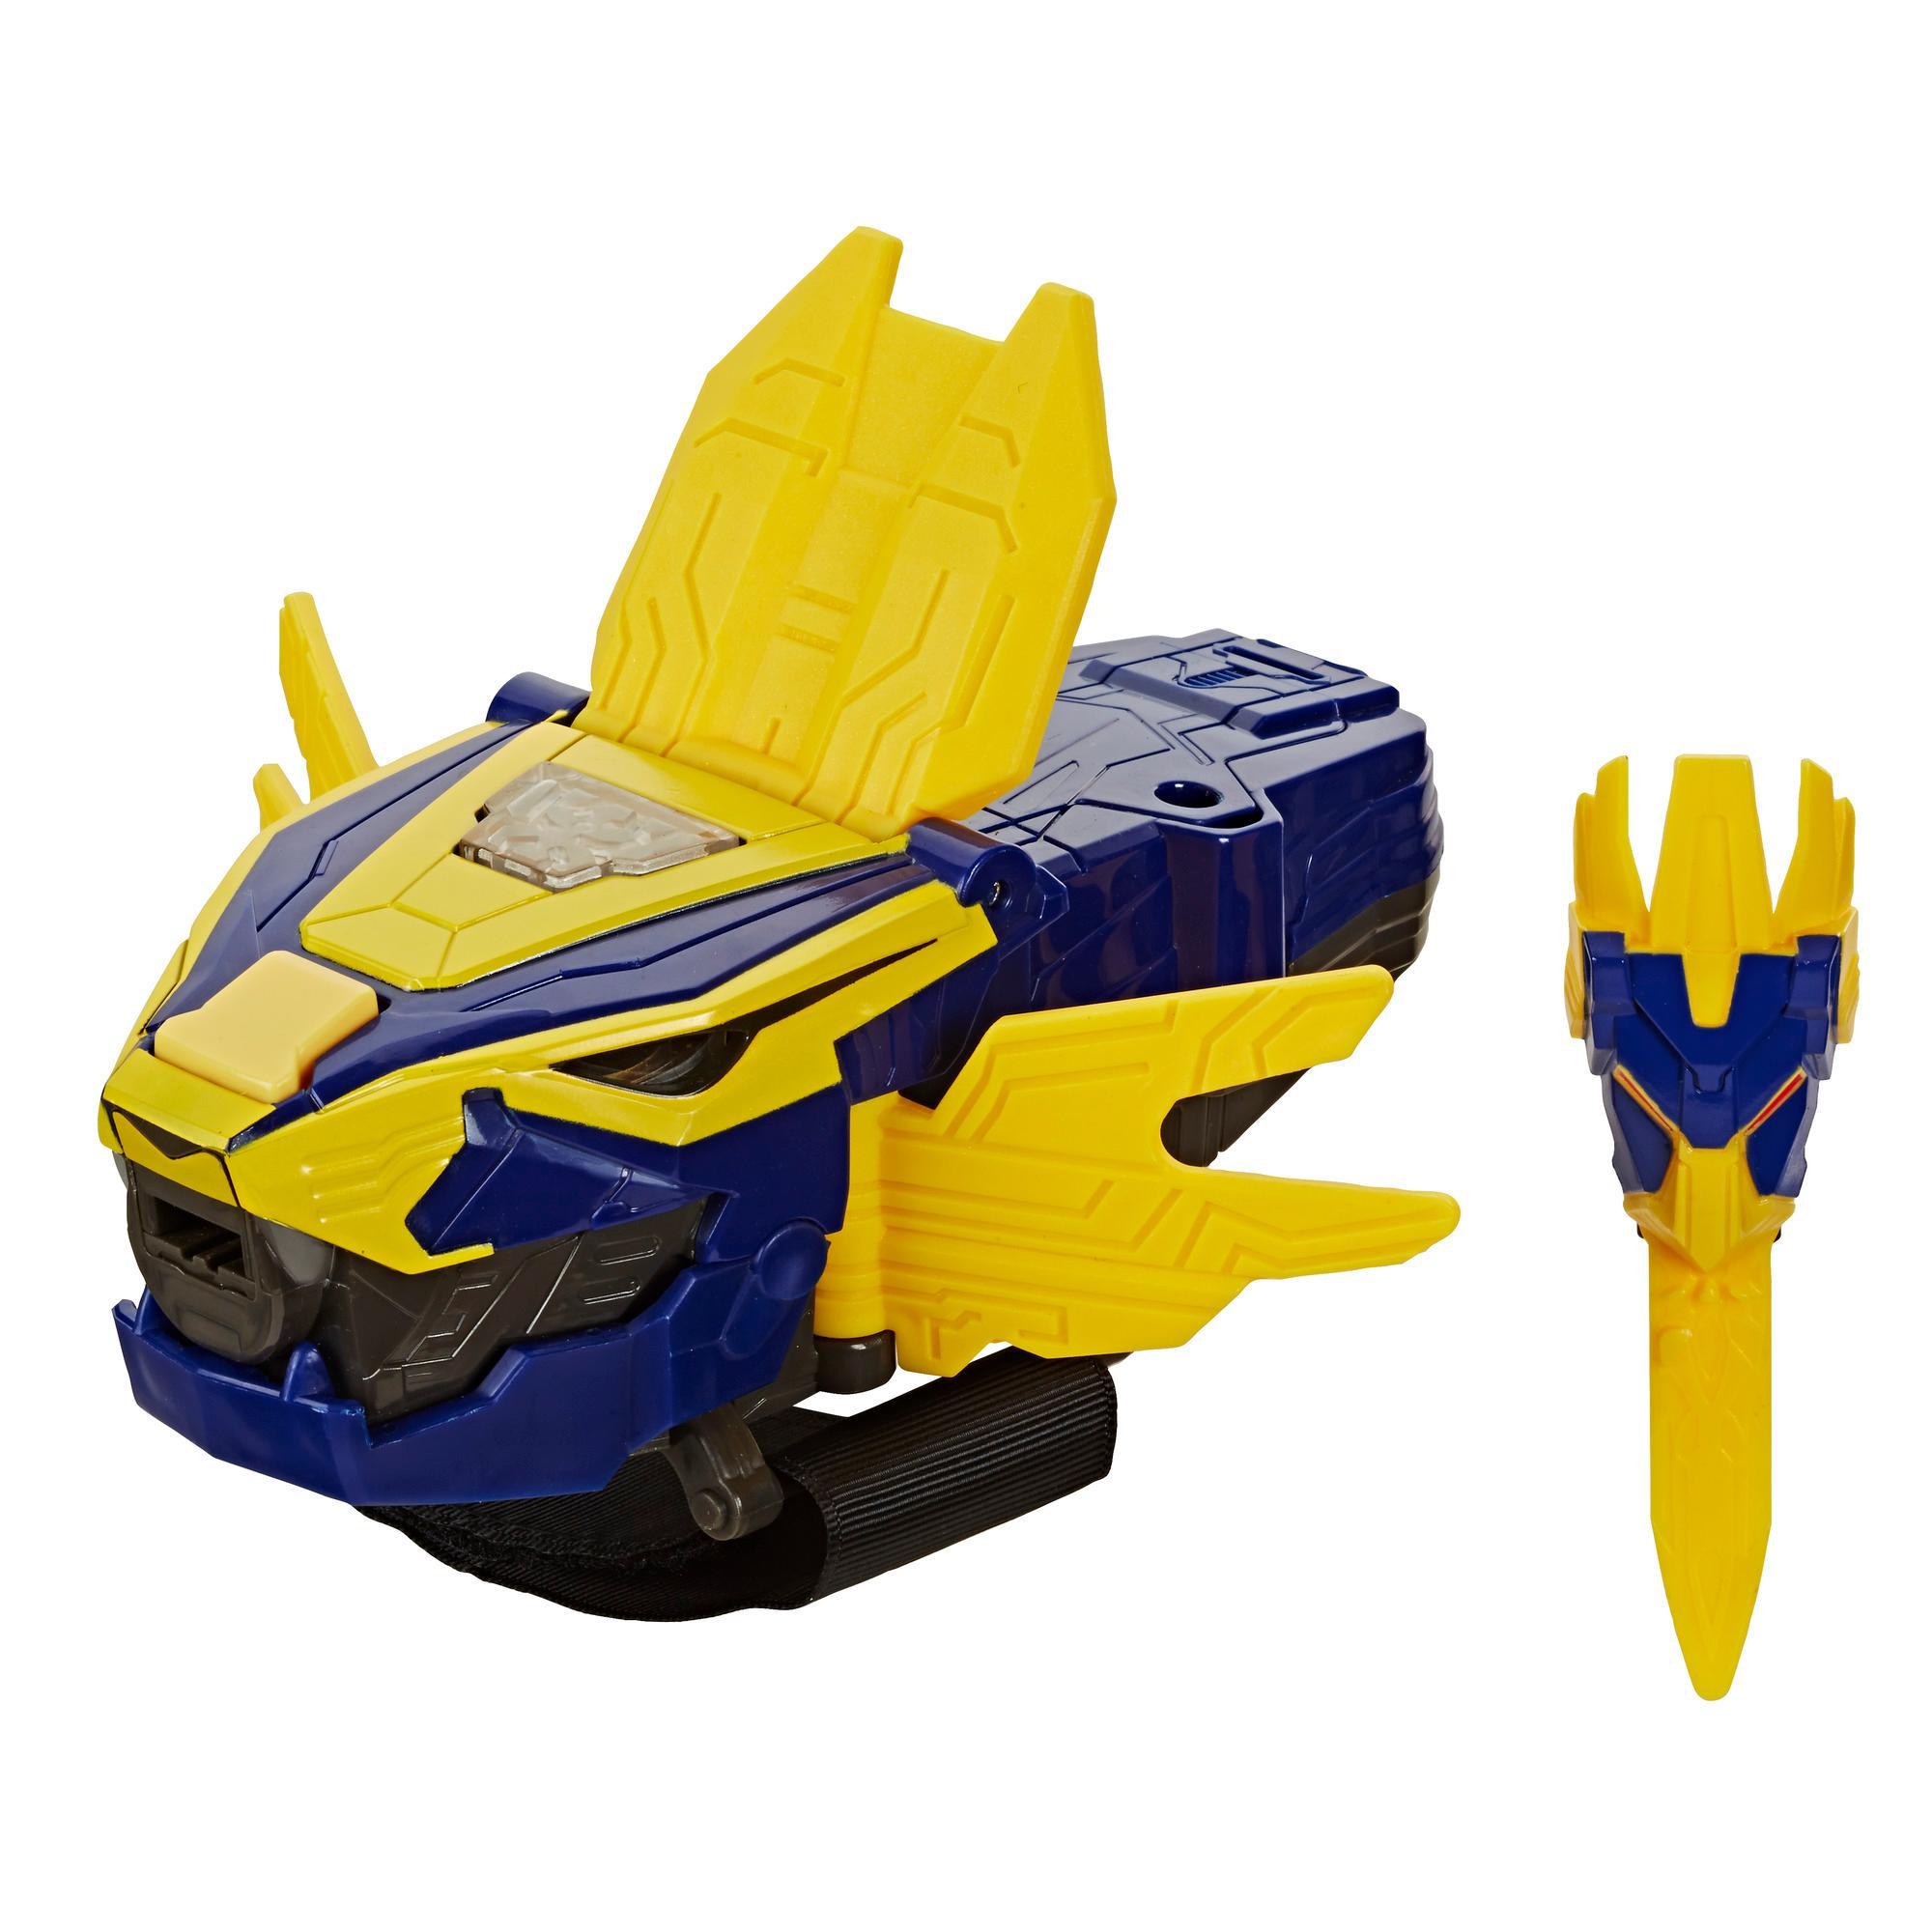 Elektroninen Power Rangers Beast Morphers Beast-X King Morpher -roolileikkilelu, Liikkeisiin reagoivia valoja ja 20+ ääntä